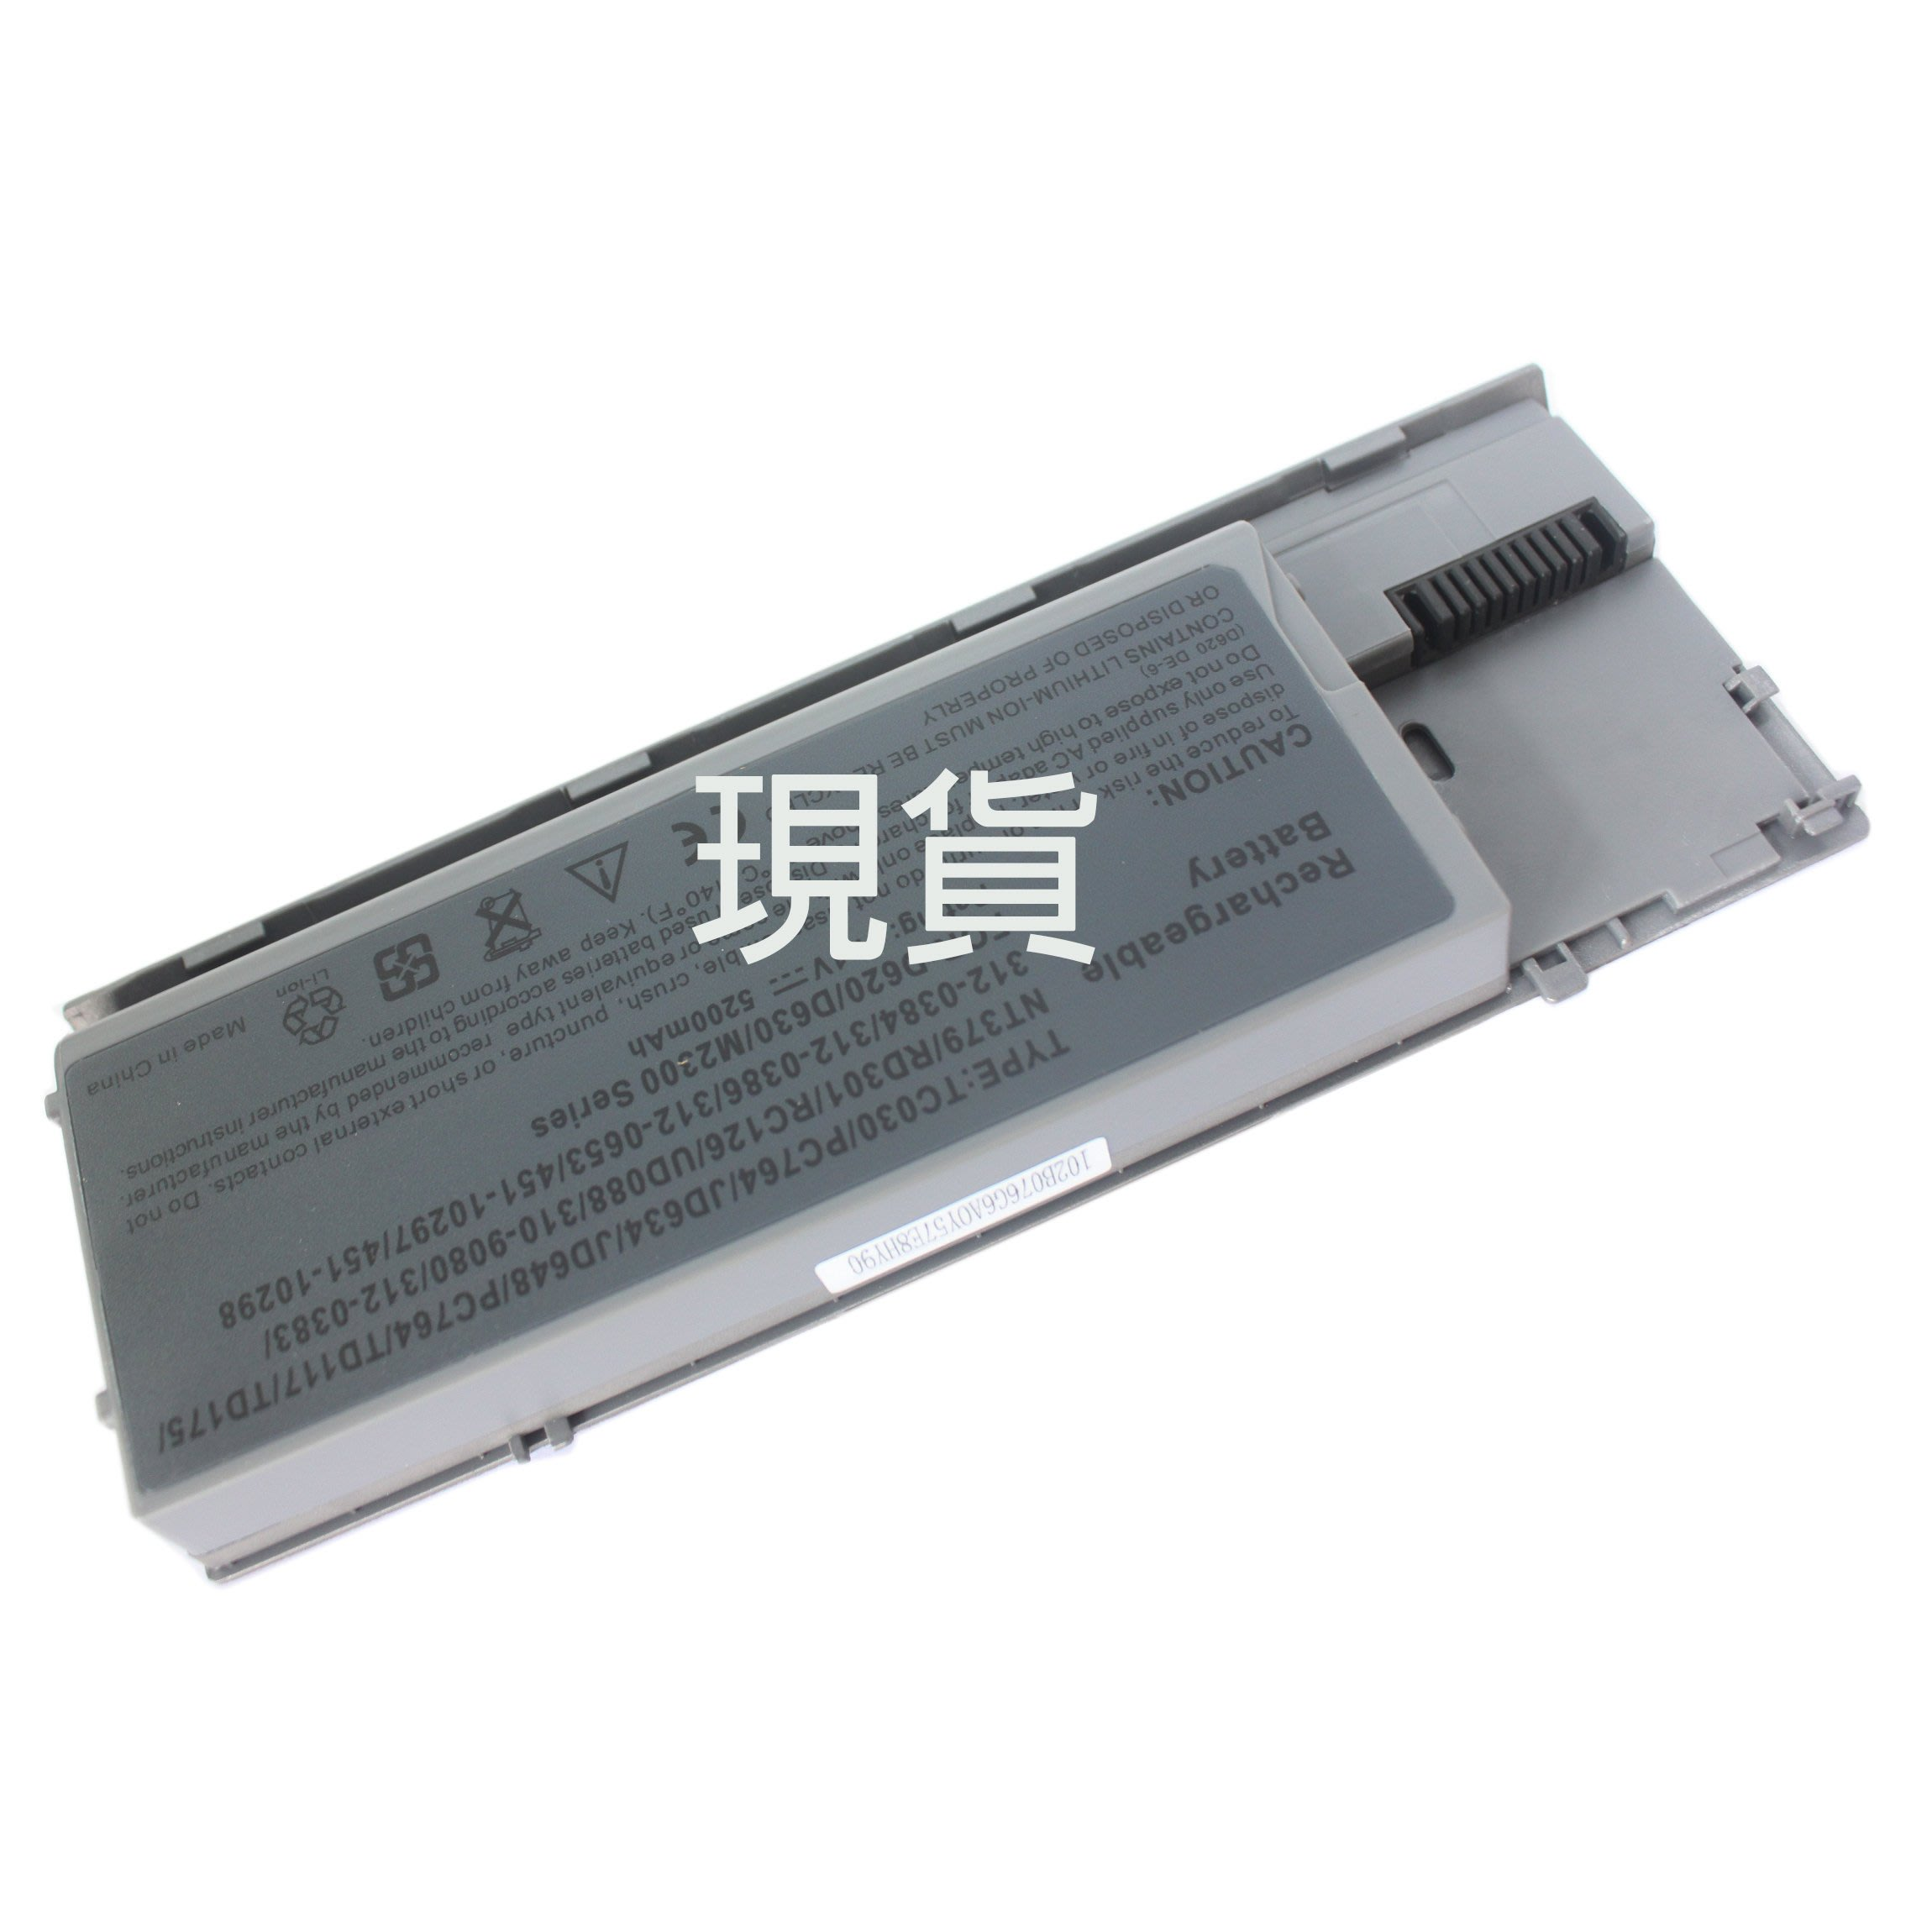 全新 DELL Latitude D620 D630 D630C D630N D631 電池